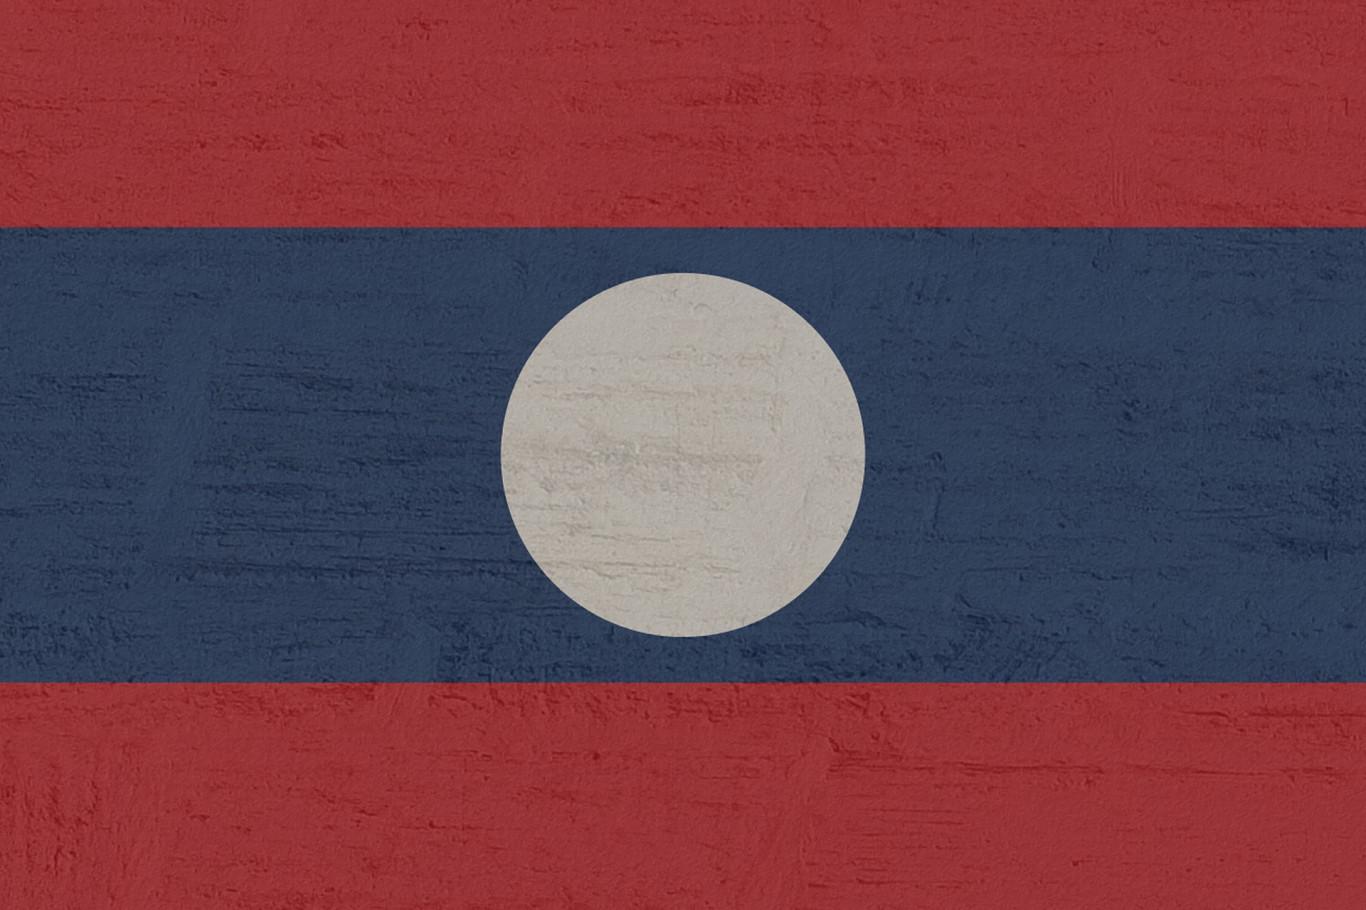 Quy trình đăng ký nhãn hiệu quốc tế tại Lào, Quy trình đăng ký nhãn hiệu tại Lào, quy trình đăng ký thương hiệu tại Lào, quy trình bảo hộ thương hiệu tại Lào